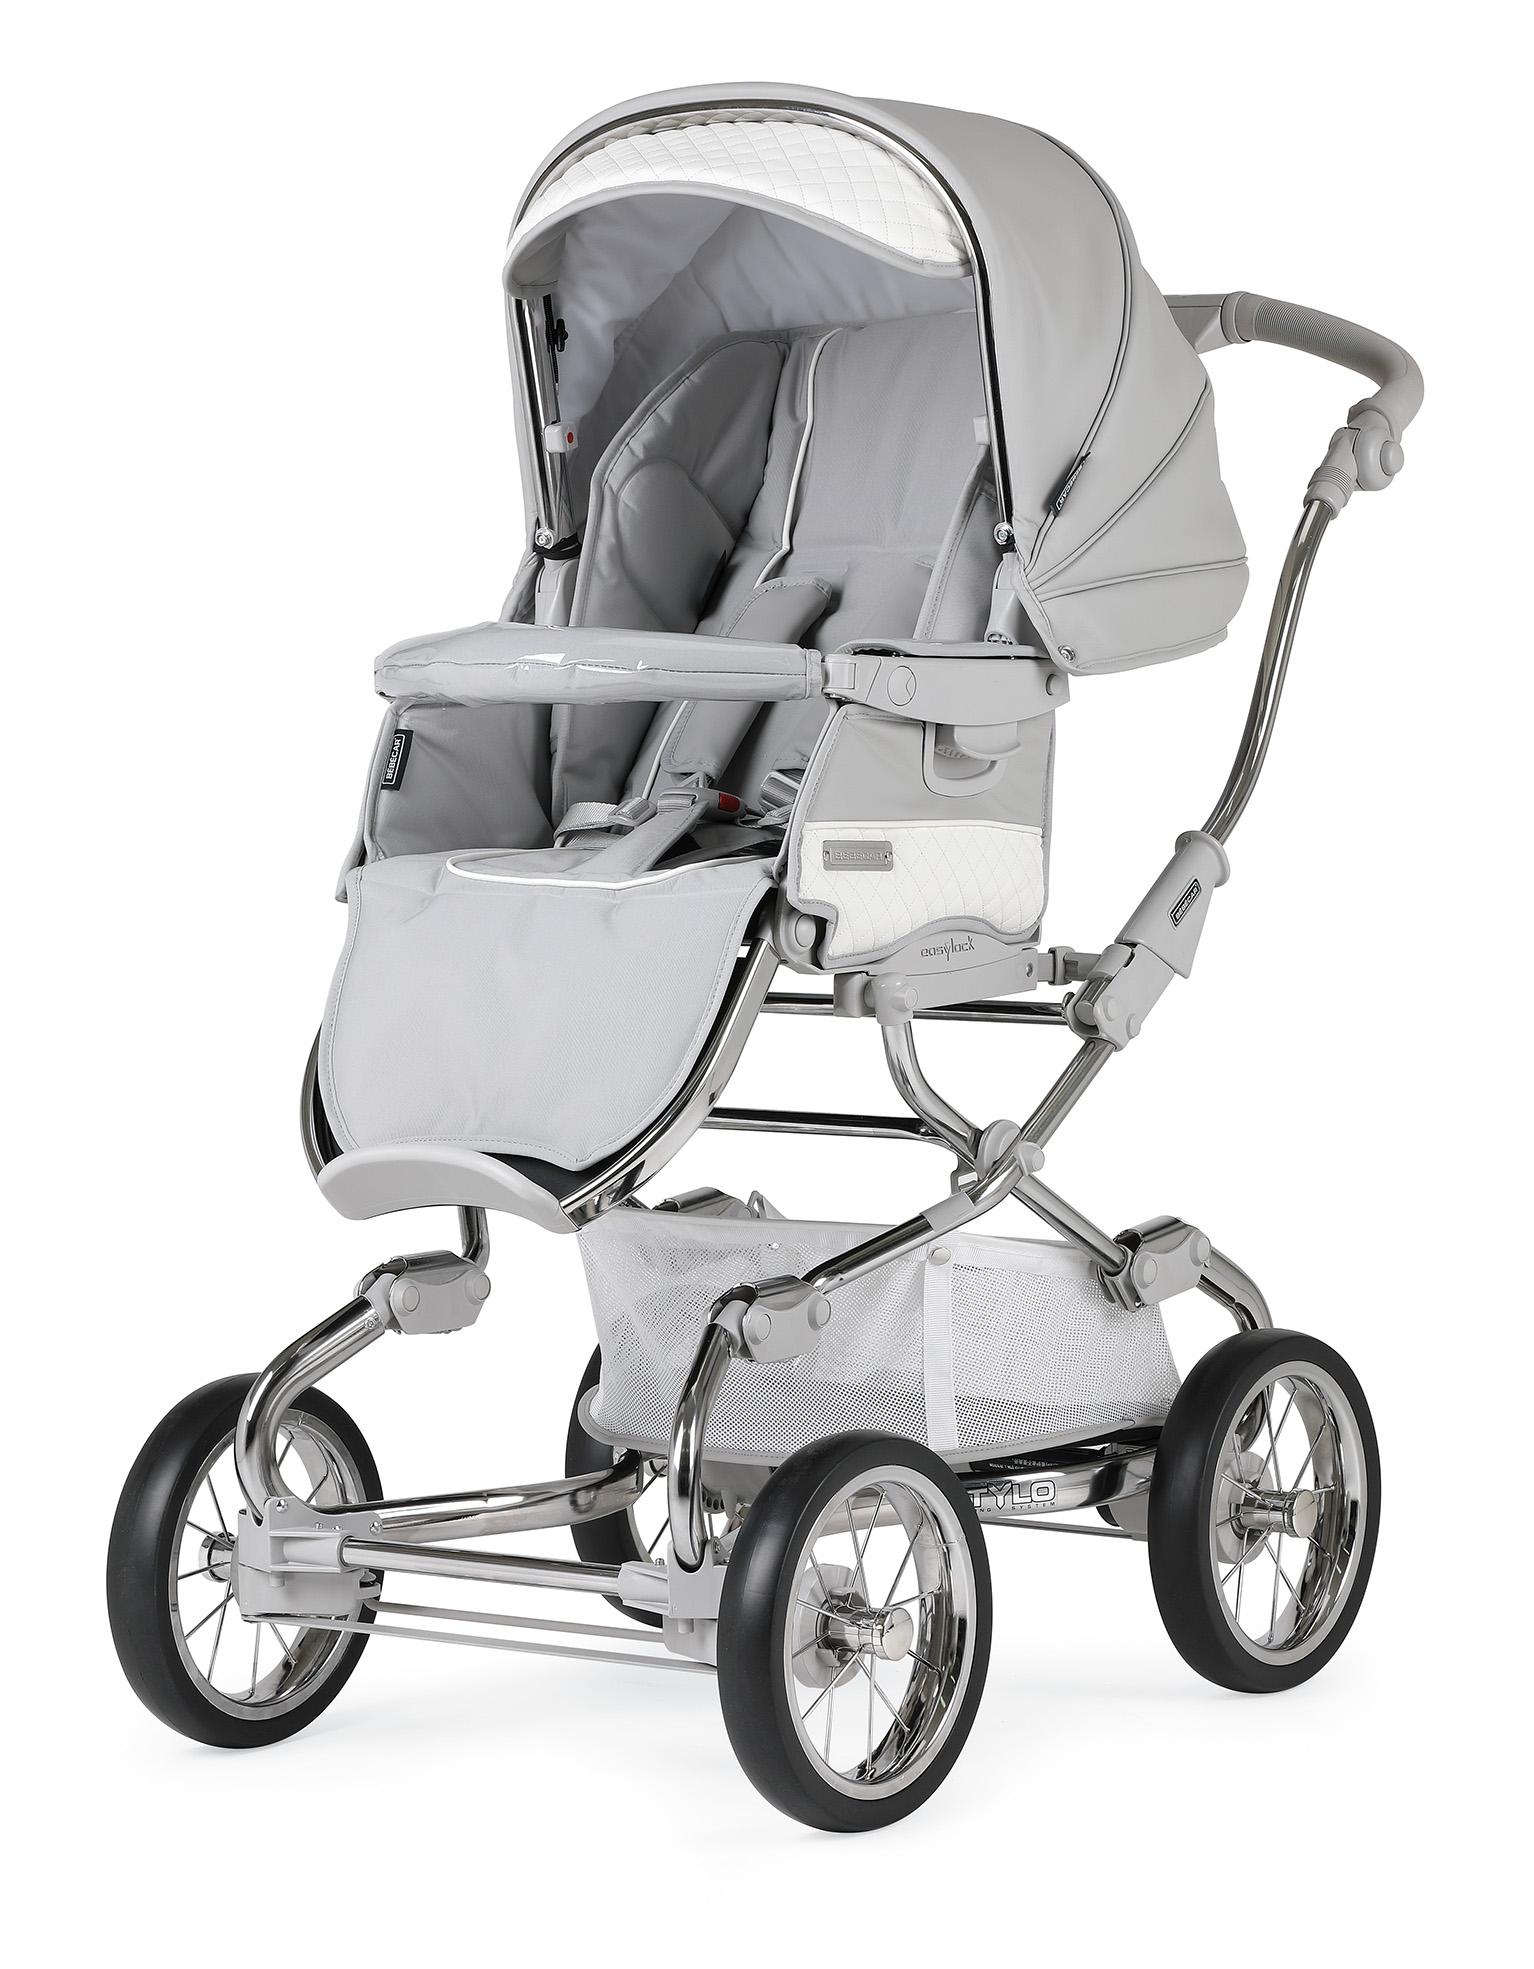 bebecar stylo class silver grey pushchair